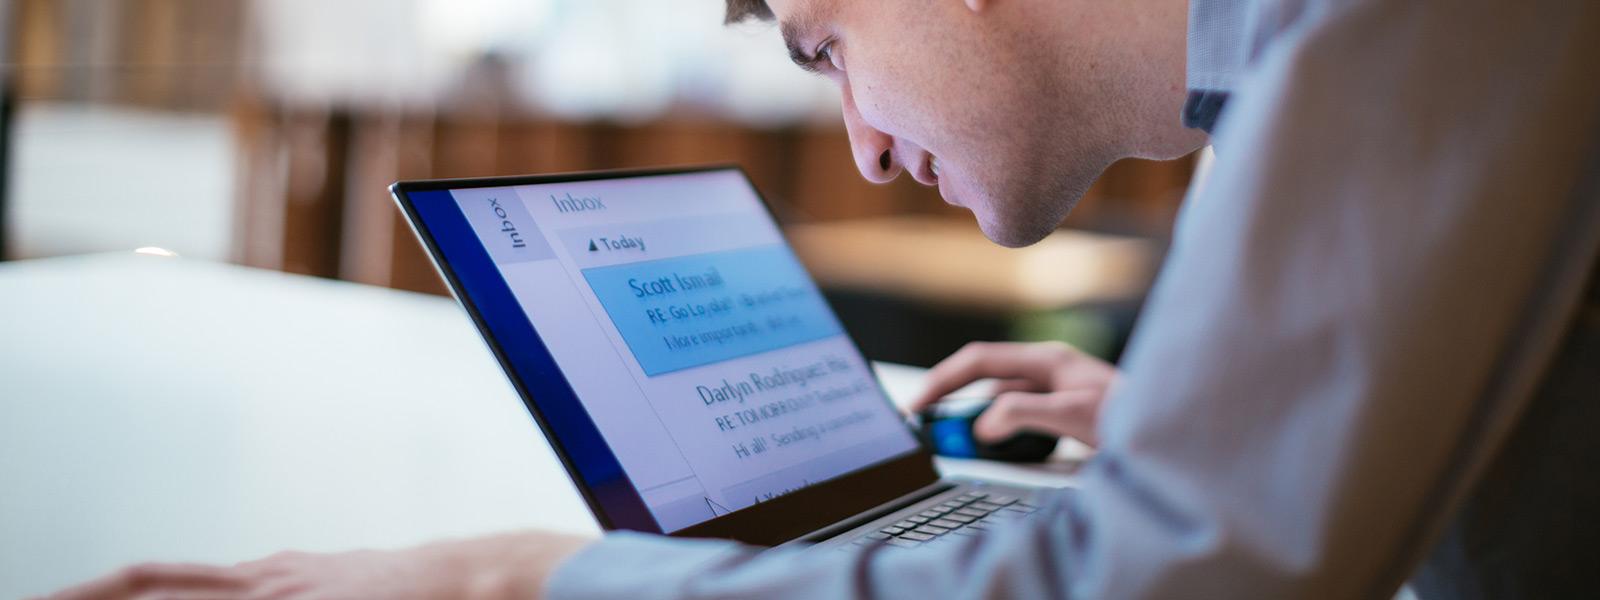 Ein Mann, der an seinem Windows 10-Computer mit leicht lesbarem großem Text arbeitet, der auf dem Bildschirm angezeigt wird